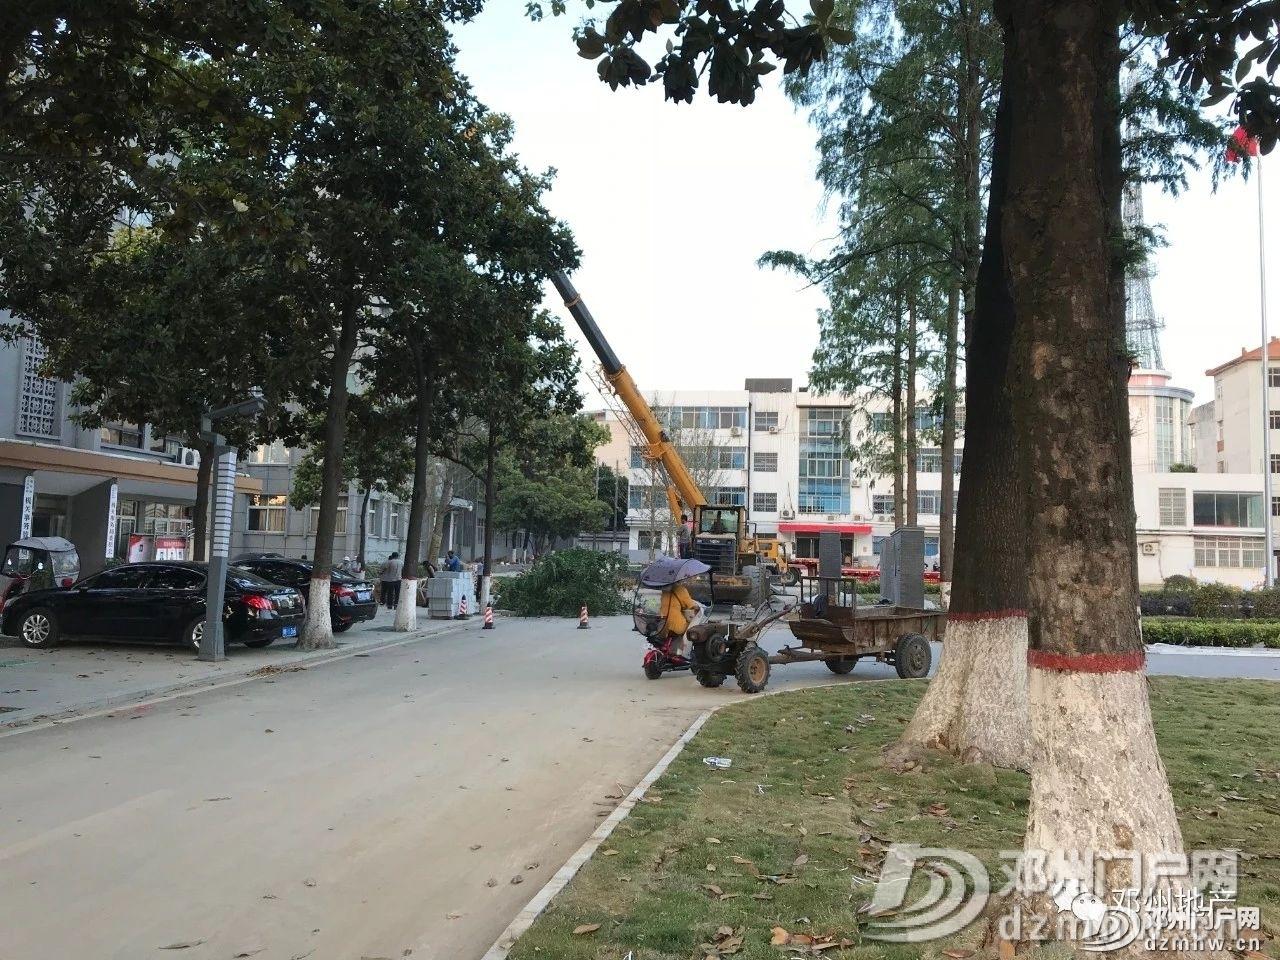 邓州市政府综合办公楼拆除后,变成了这模样…… - 邓州门户网|邓州网 - f534f9d30b51f54e3acd14fbe40870fc.jpg